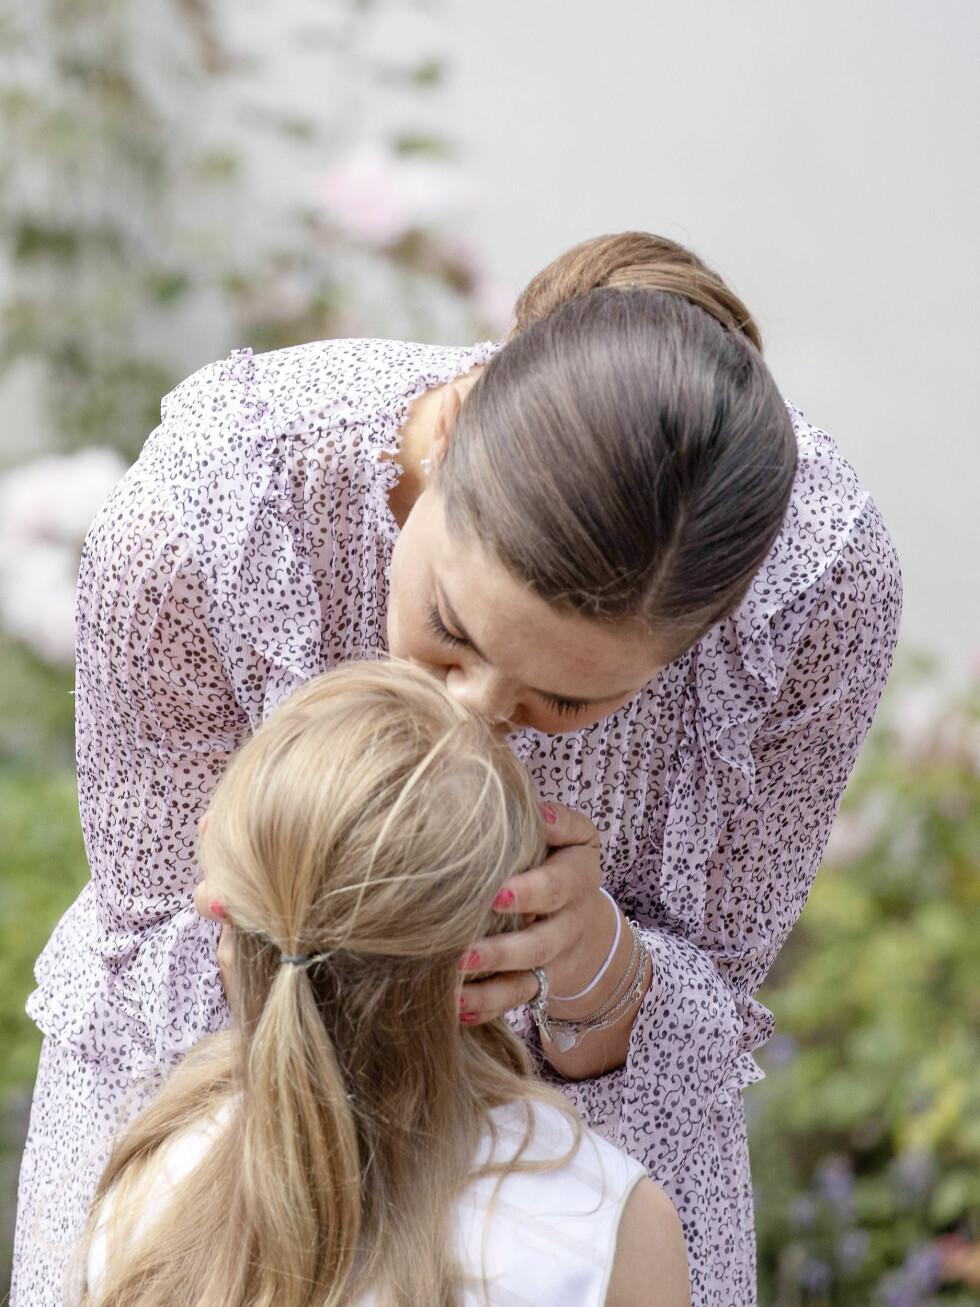 MORSKJÆRLIGHET: Kronprinsesse Victoria ga datteren et skikkelig smellkyss under festlighetene på Solliden i forbindelse med 41-årsdagen hennes i år. FOTO: NTB Scanpix